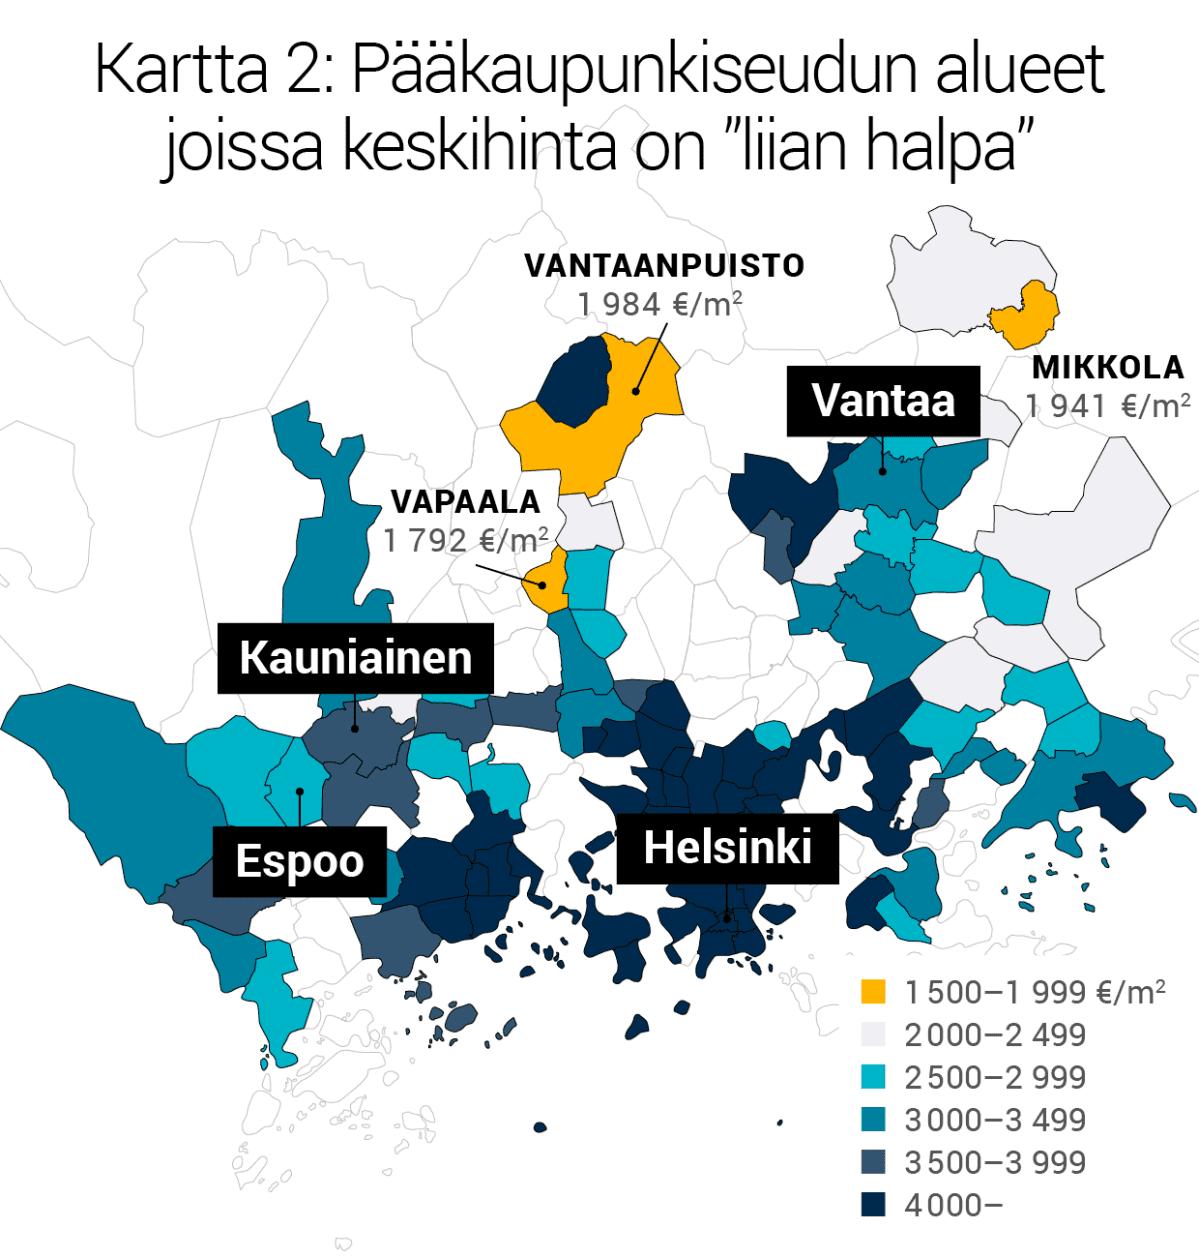 """Kartta 2: Pääkaupunkiseudun alueet joissa keskihinta on """"liian halpa""""."""